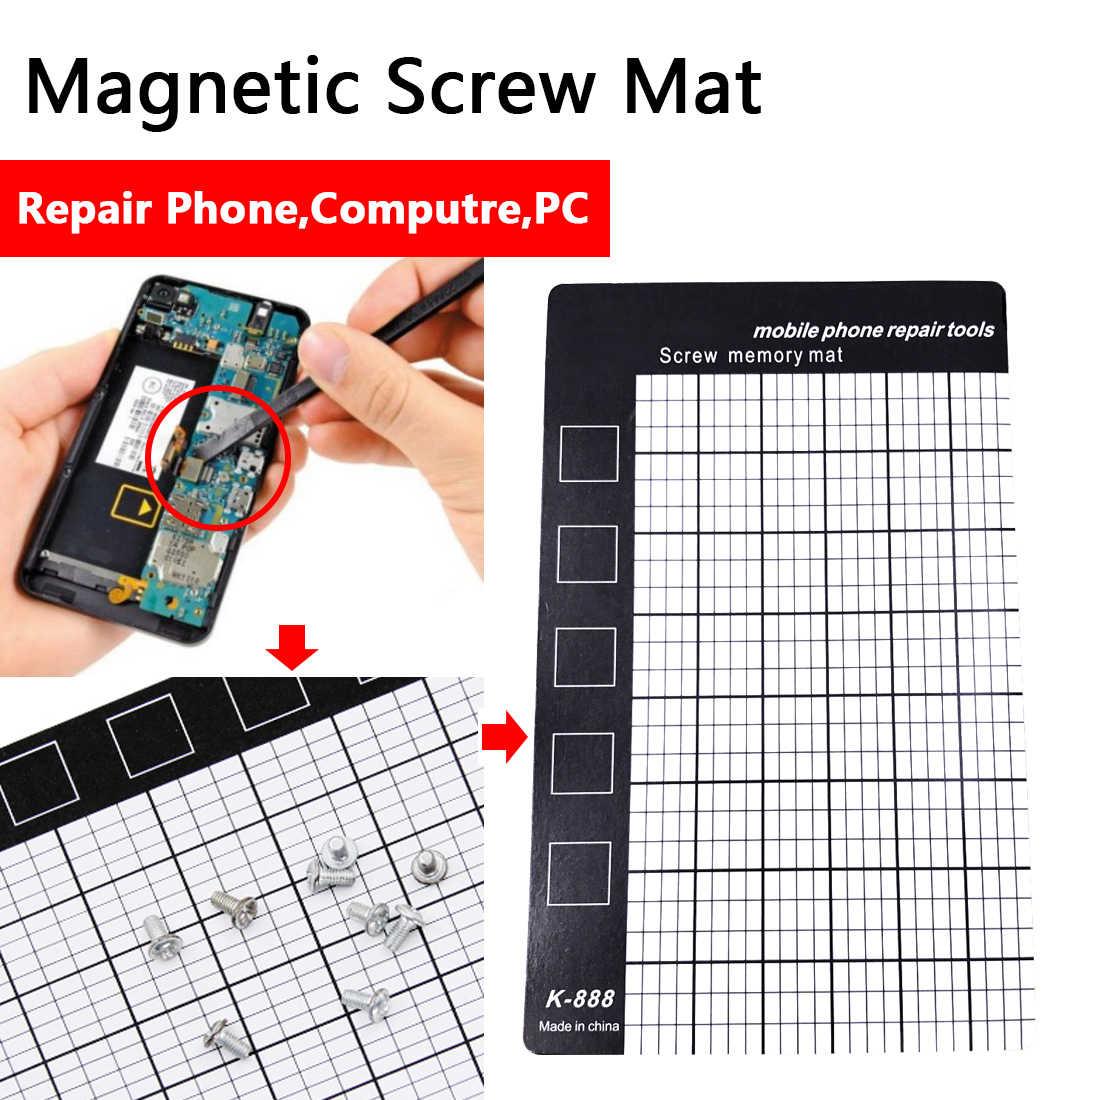 Sekrup Memori Mat Putih Magnetik Memori Kerja Pad Ponsel Alat Perbaikan Palm Ukuran 145X90 Mm